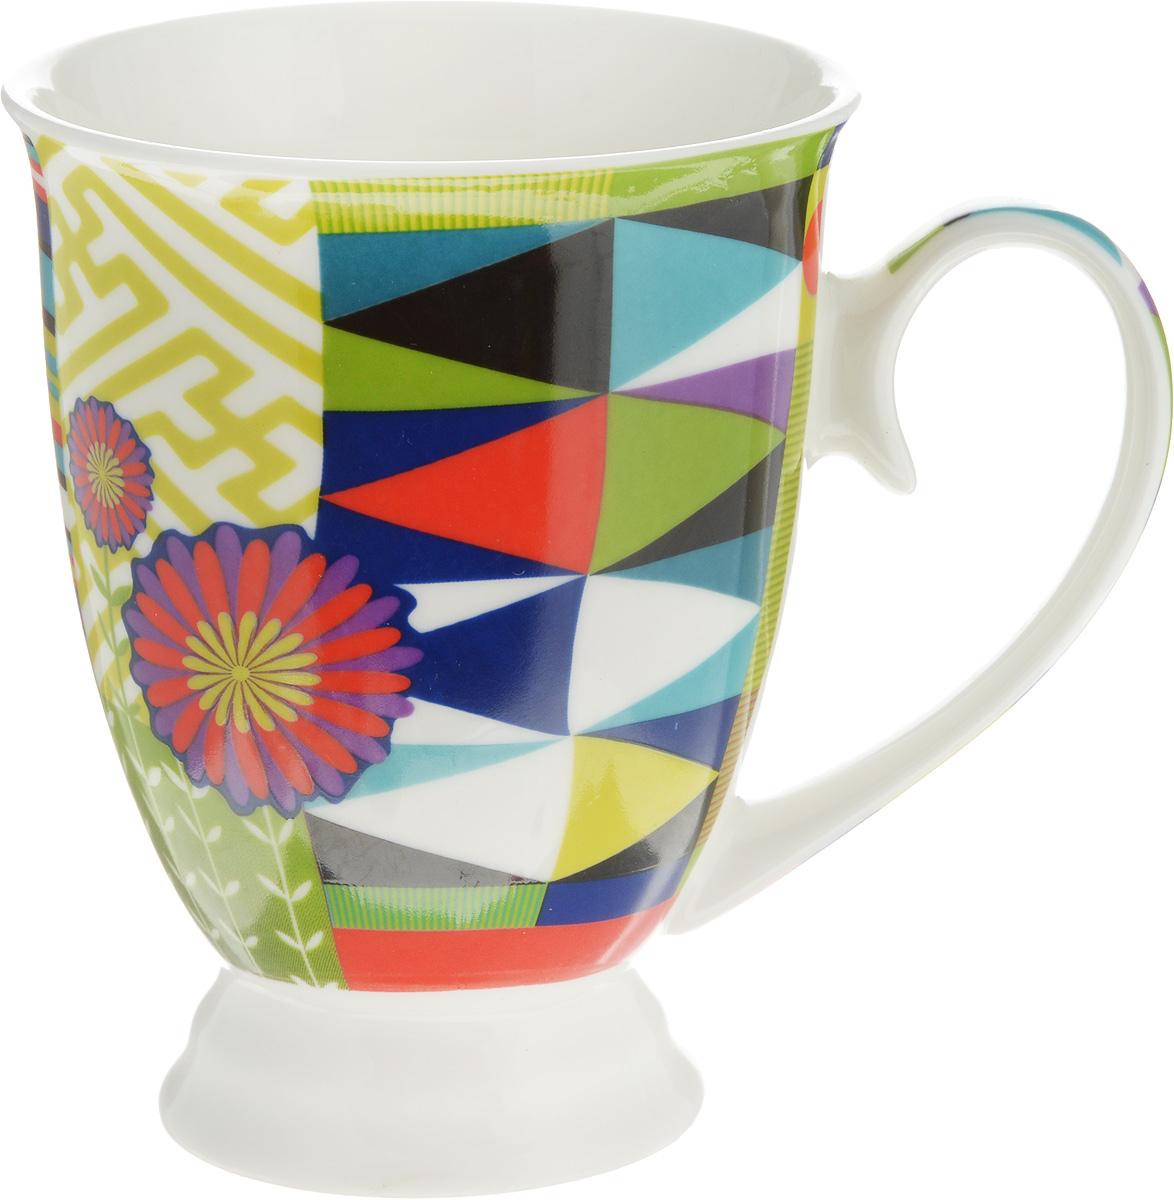 Кружка Lillo Цветочно-ягодный микс, цвет: бирюзовый, зеленый, красный, 250 мл12486_бирюзовый, зеленый, красныйКружка Lillo Цветочно-ягодный микс выполнена из высококачественной керамики с глазурованным покрытием. С внешней стороны изделие декорировано красочным рисунком. Такая кружка станет приятным подарком и согреет вас холодными вечерами. Диаметр (по верхнему краю): 8 см.Высота кружки: 10,5 см.